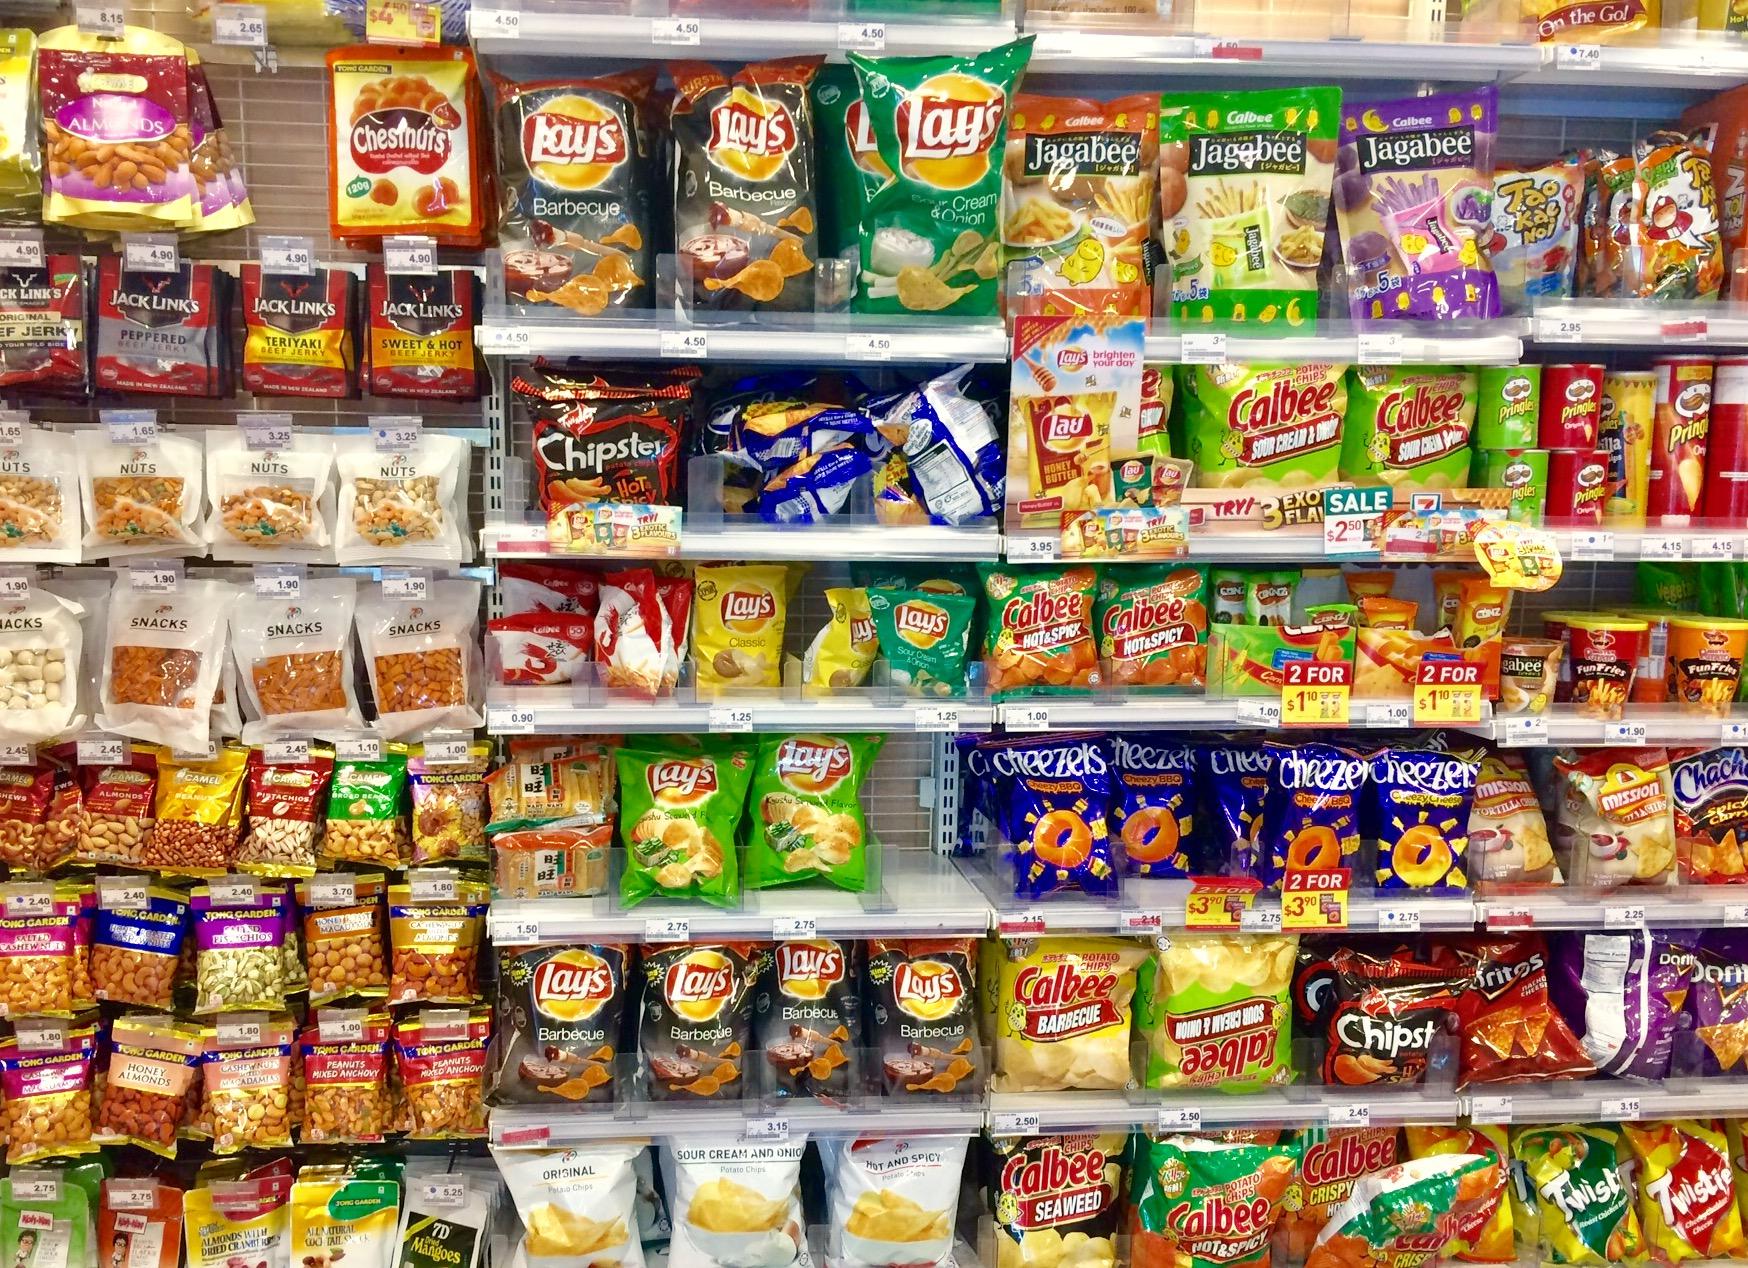 日本産食品の現地での 販売価格 、どれほど高い? FOB価格の計算方法